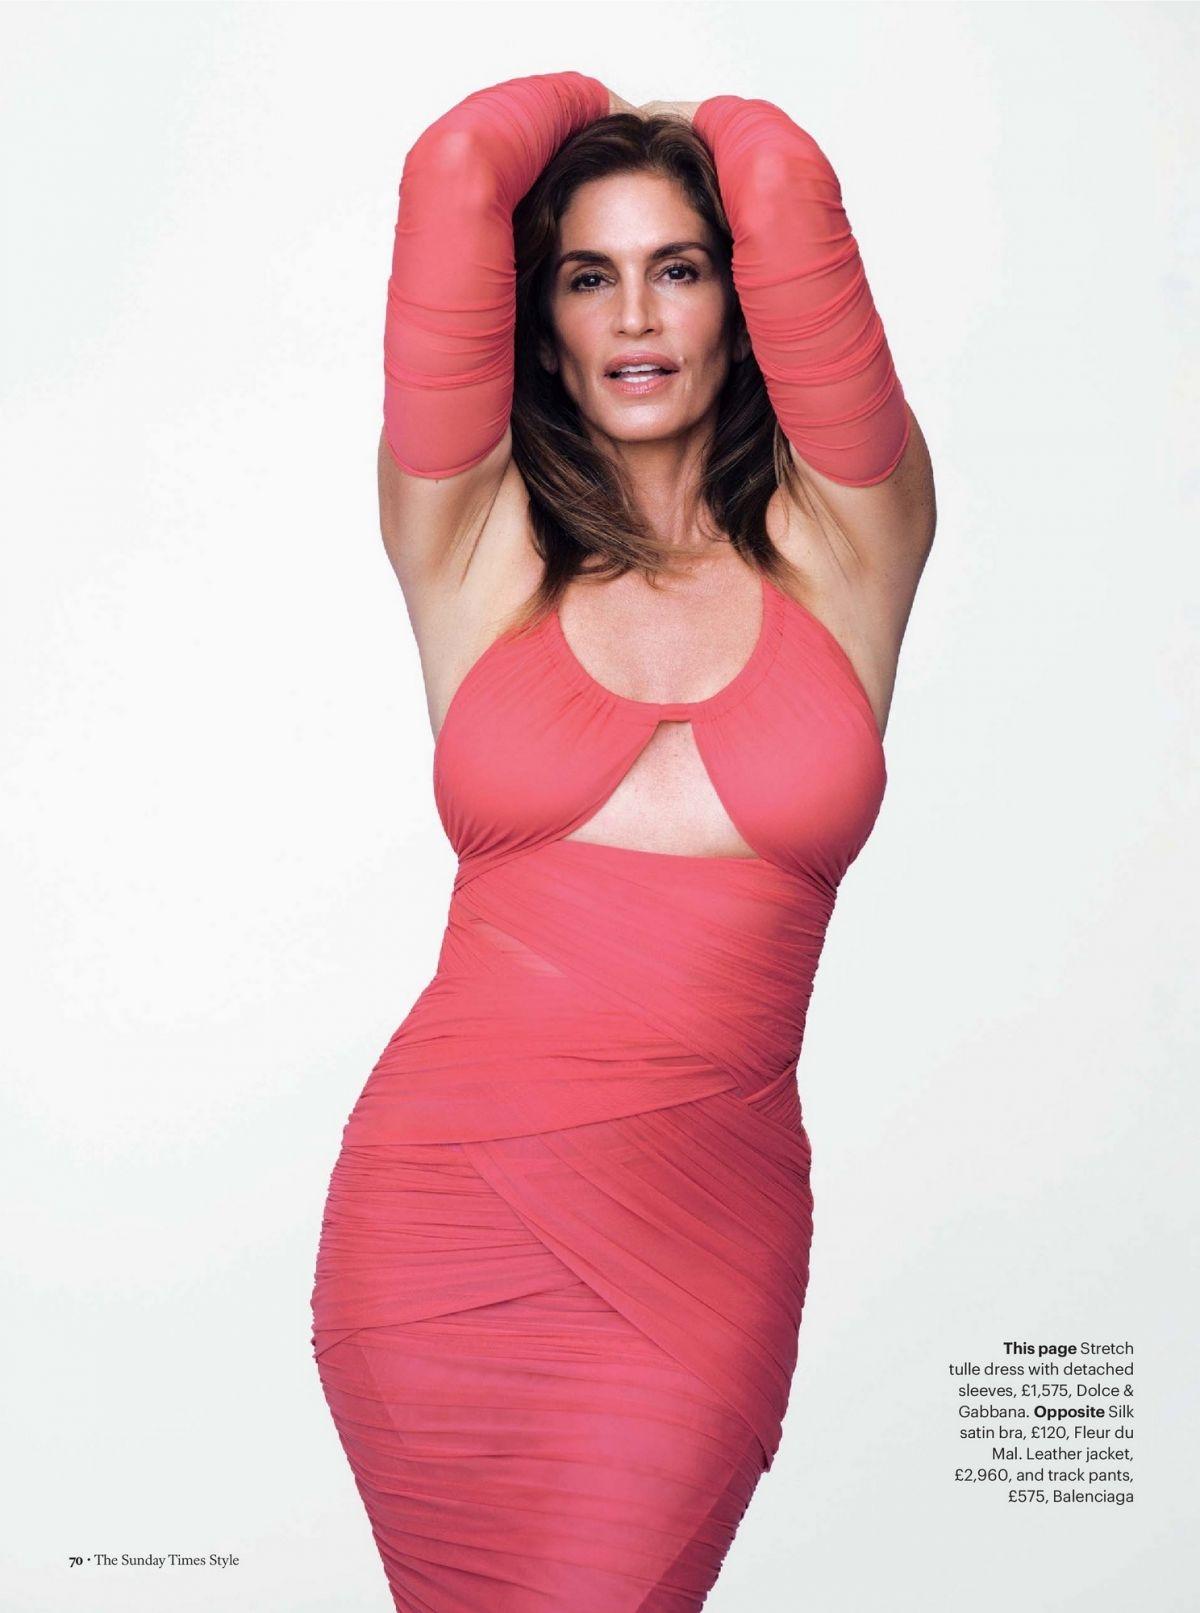 Вот это тело! 55-летняя Синди Кроуфорд снялась в сексуальных образах для глянца (ФОТО) - фото №2